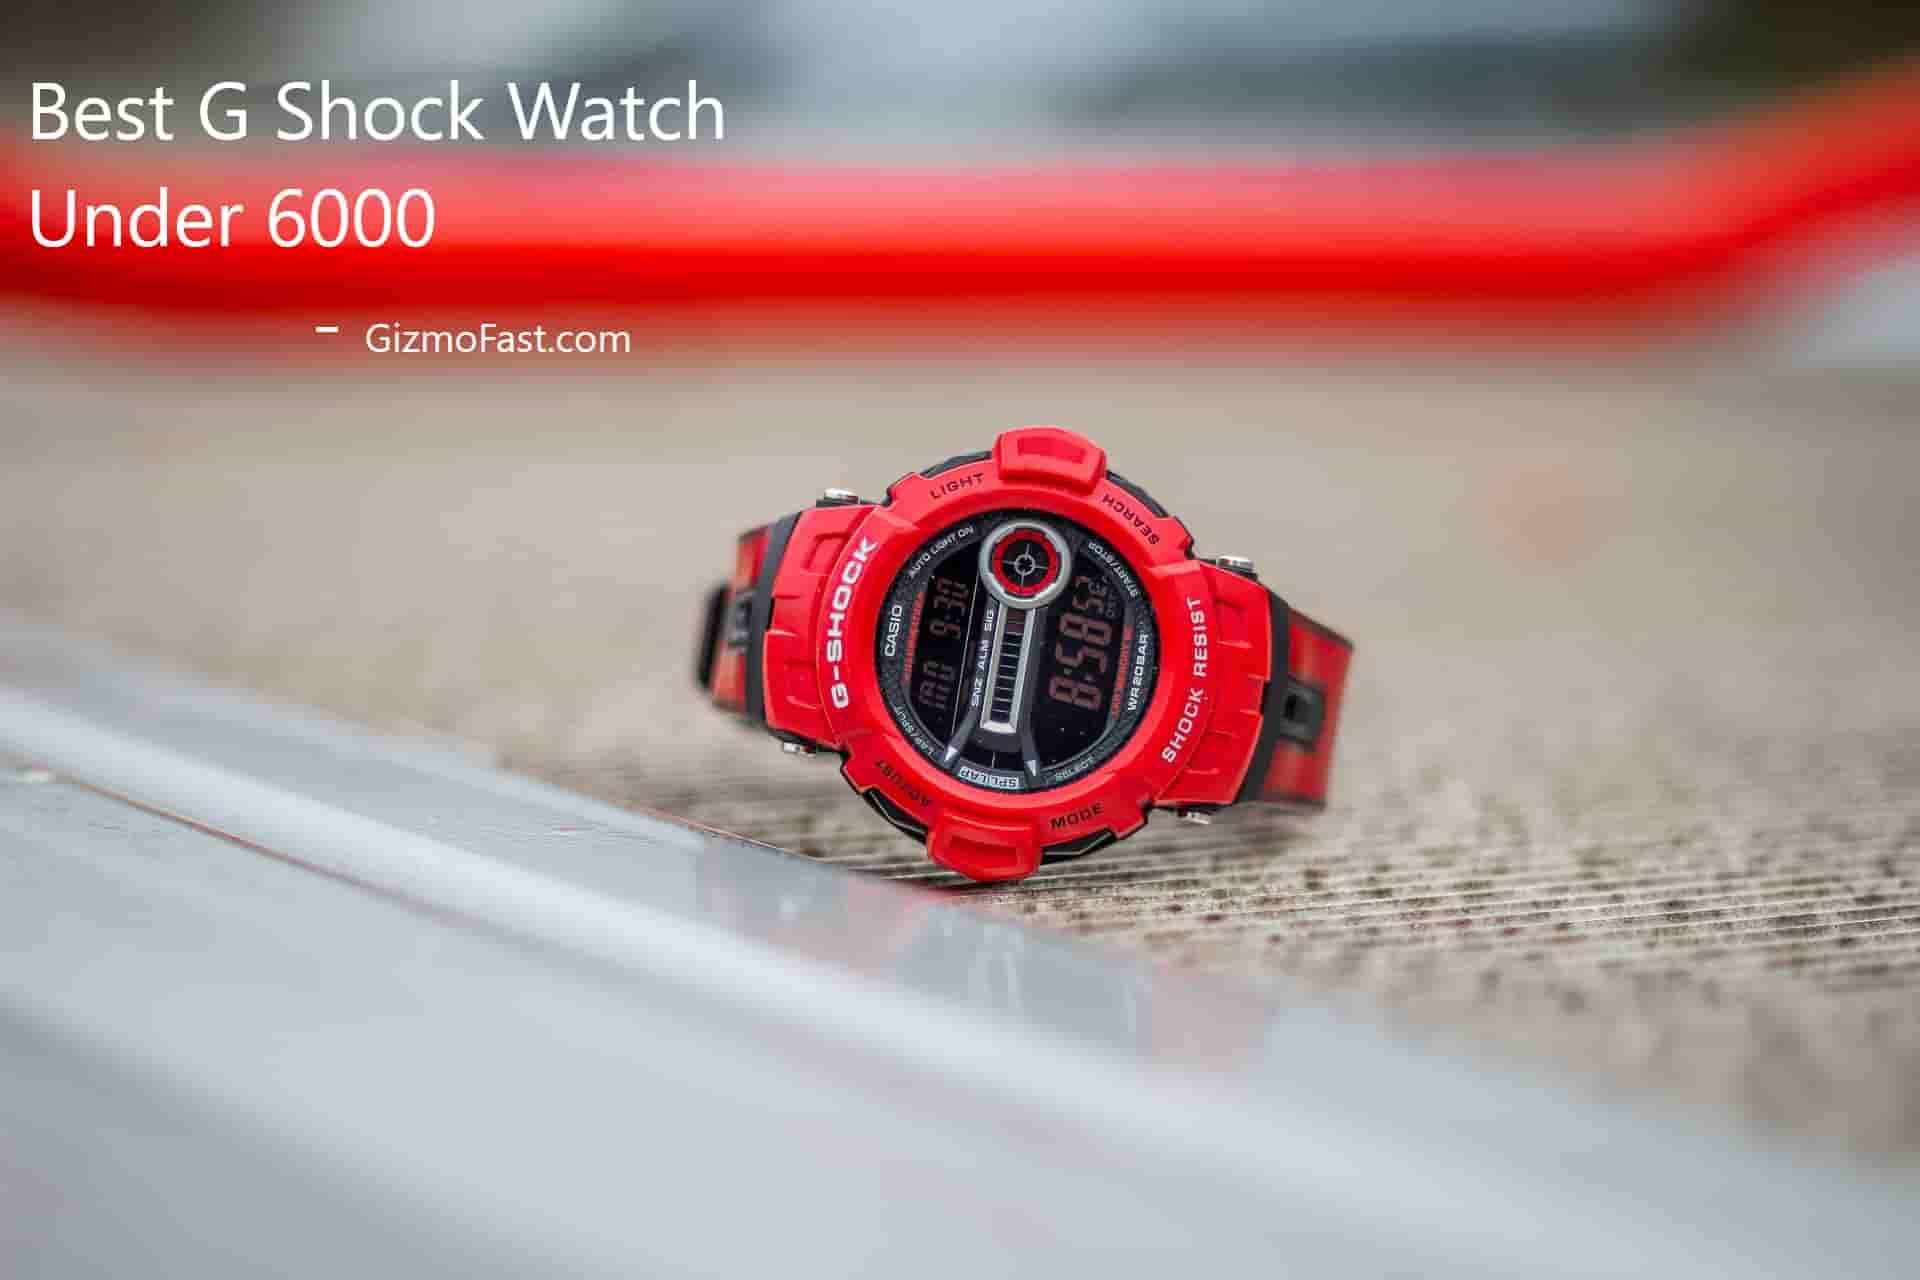 Best G Shock Watch Under 6000